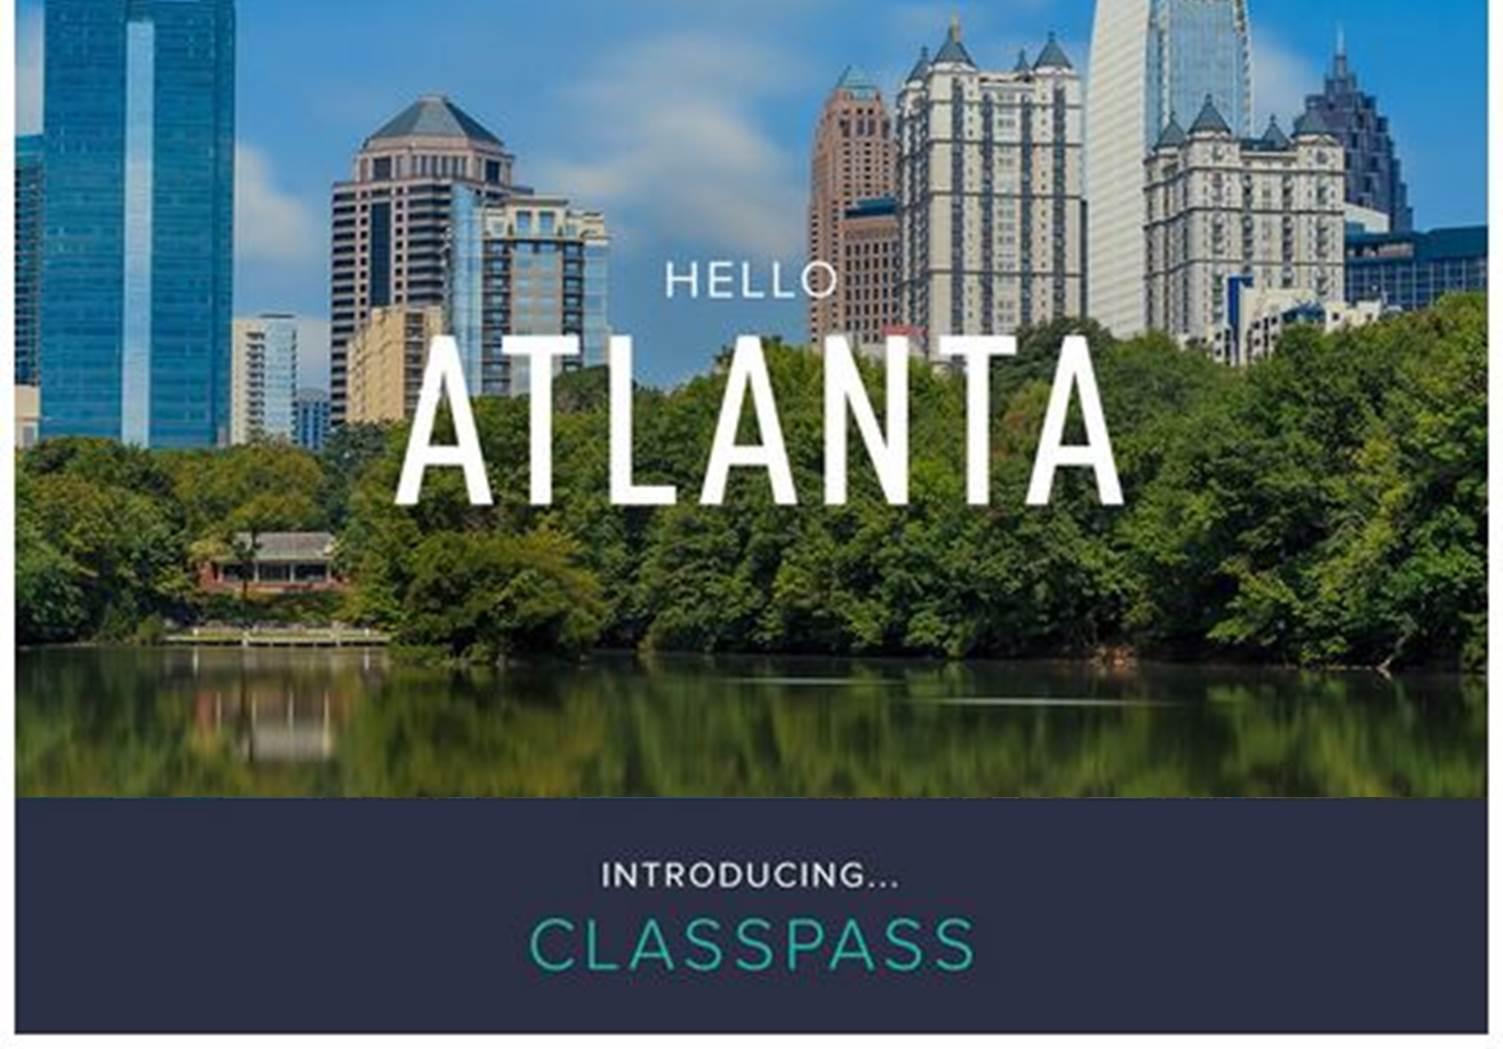 classpass-atlanta-peachfully-chic-main